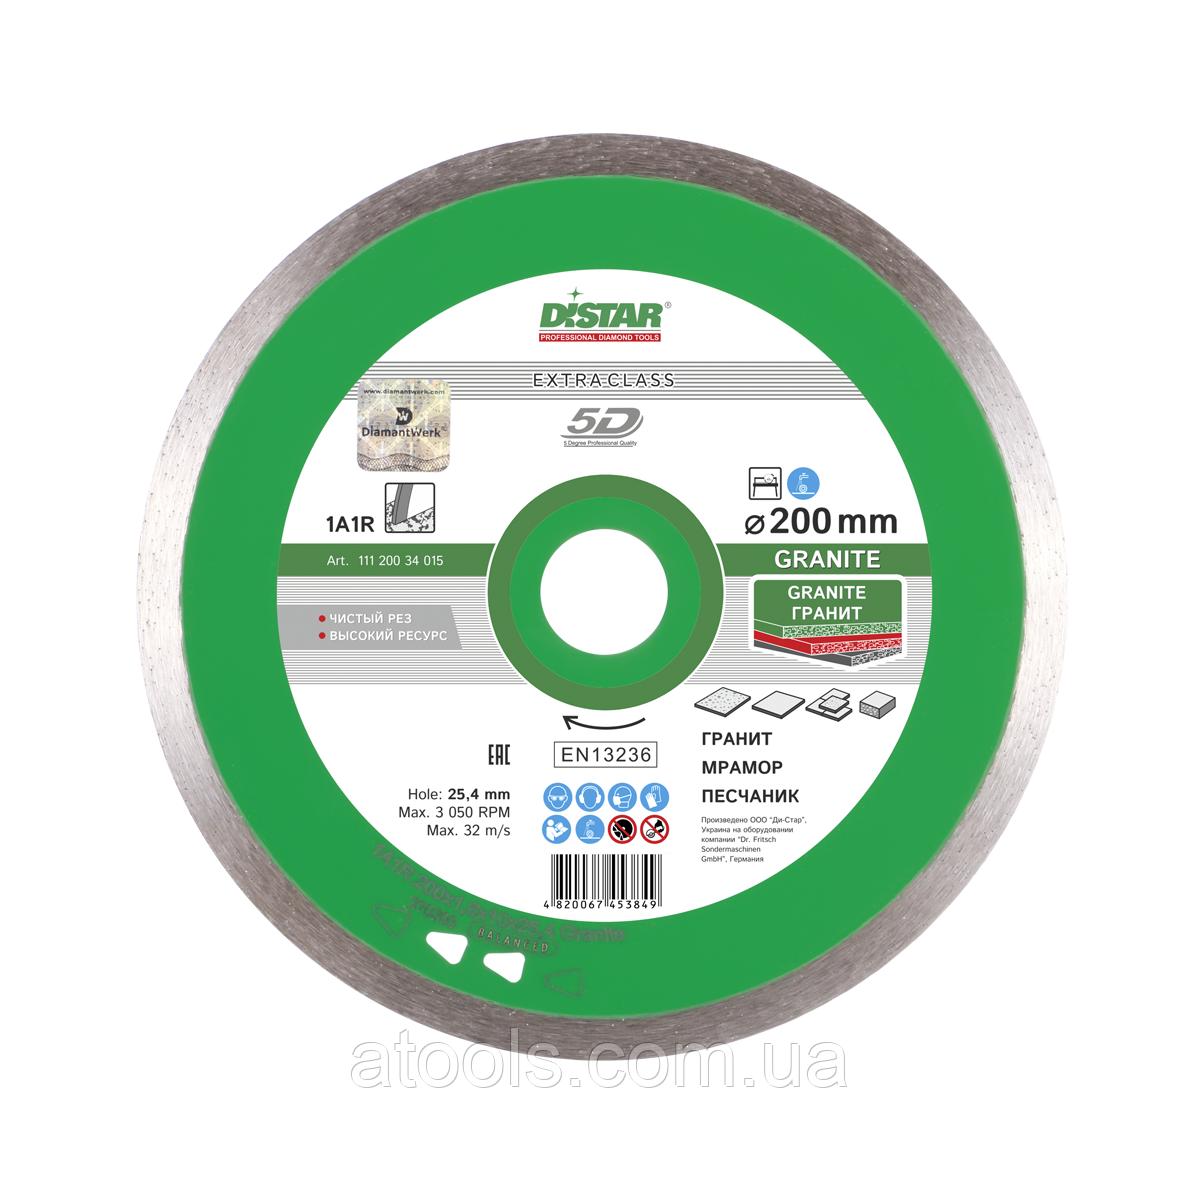 Алмазний відрізний диск Distar Granite 1A1R 350x2.2x10x32 (11127034024)